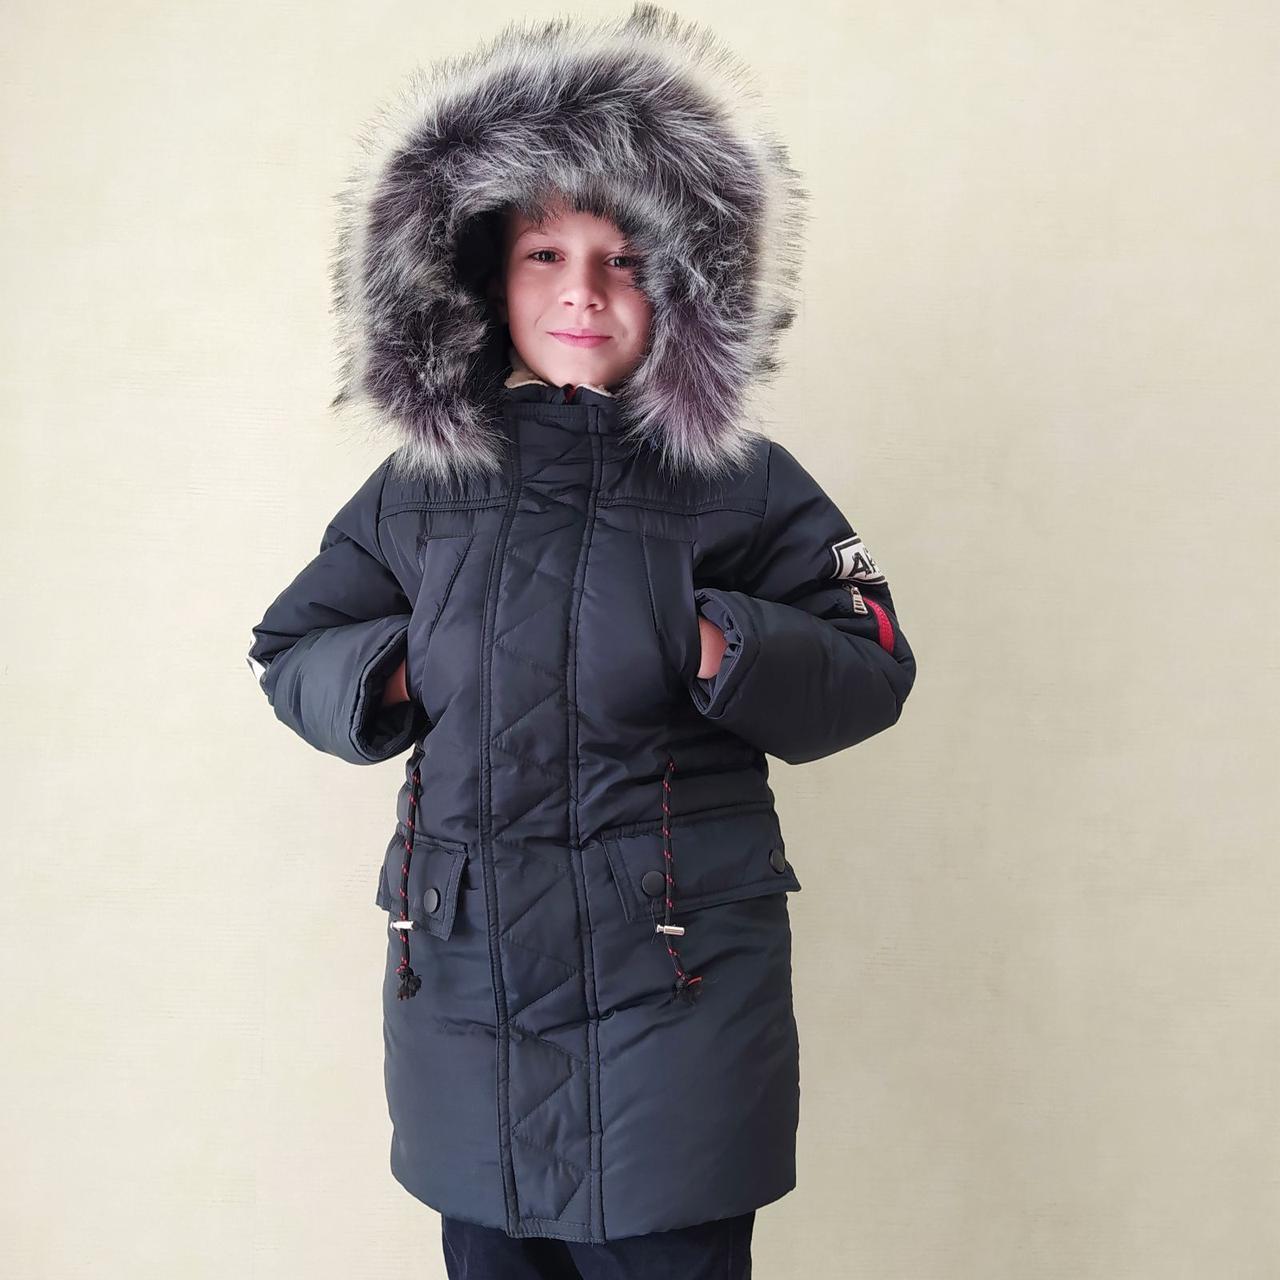 Зимняя куртка для мальчика на меховой подстежке